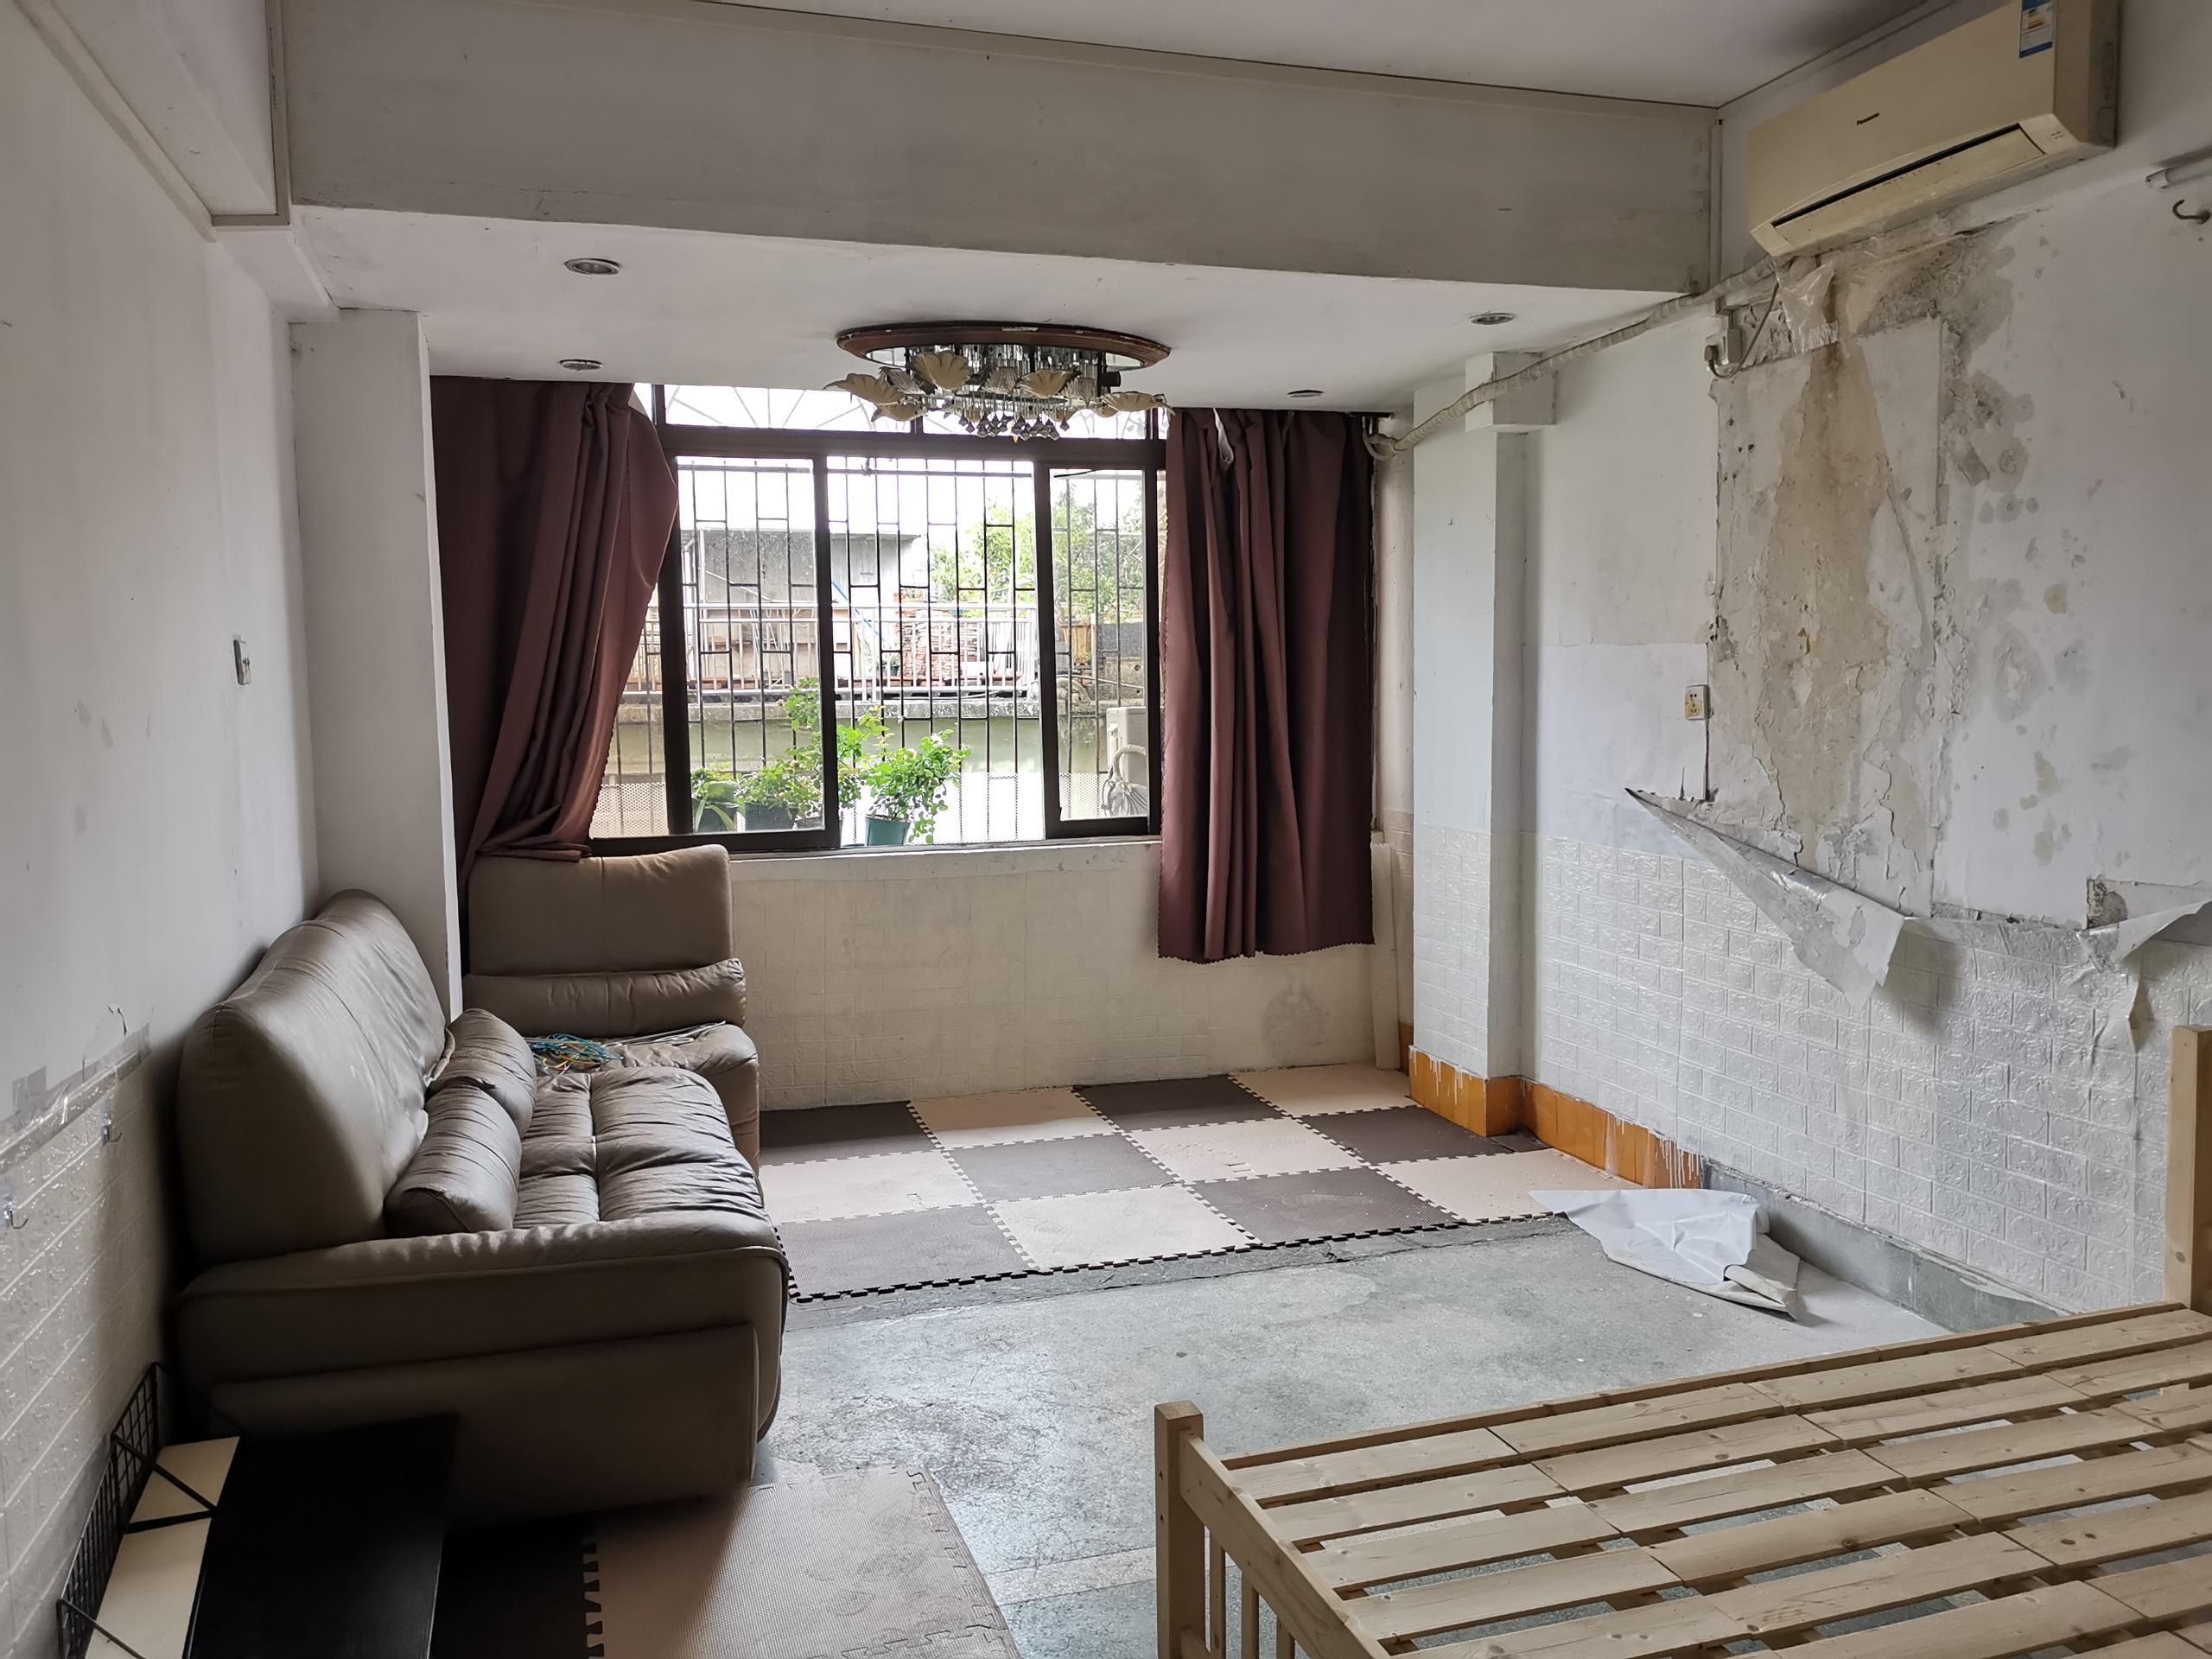 云鹤北街小区3室2厅1卫南北朝向仅415万元